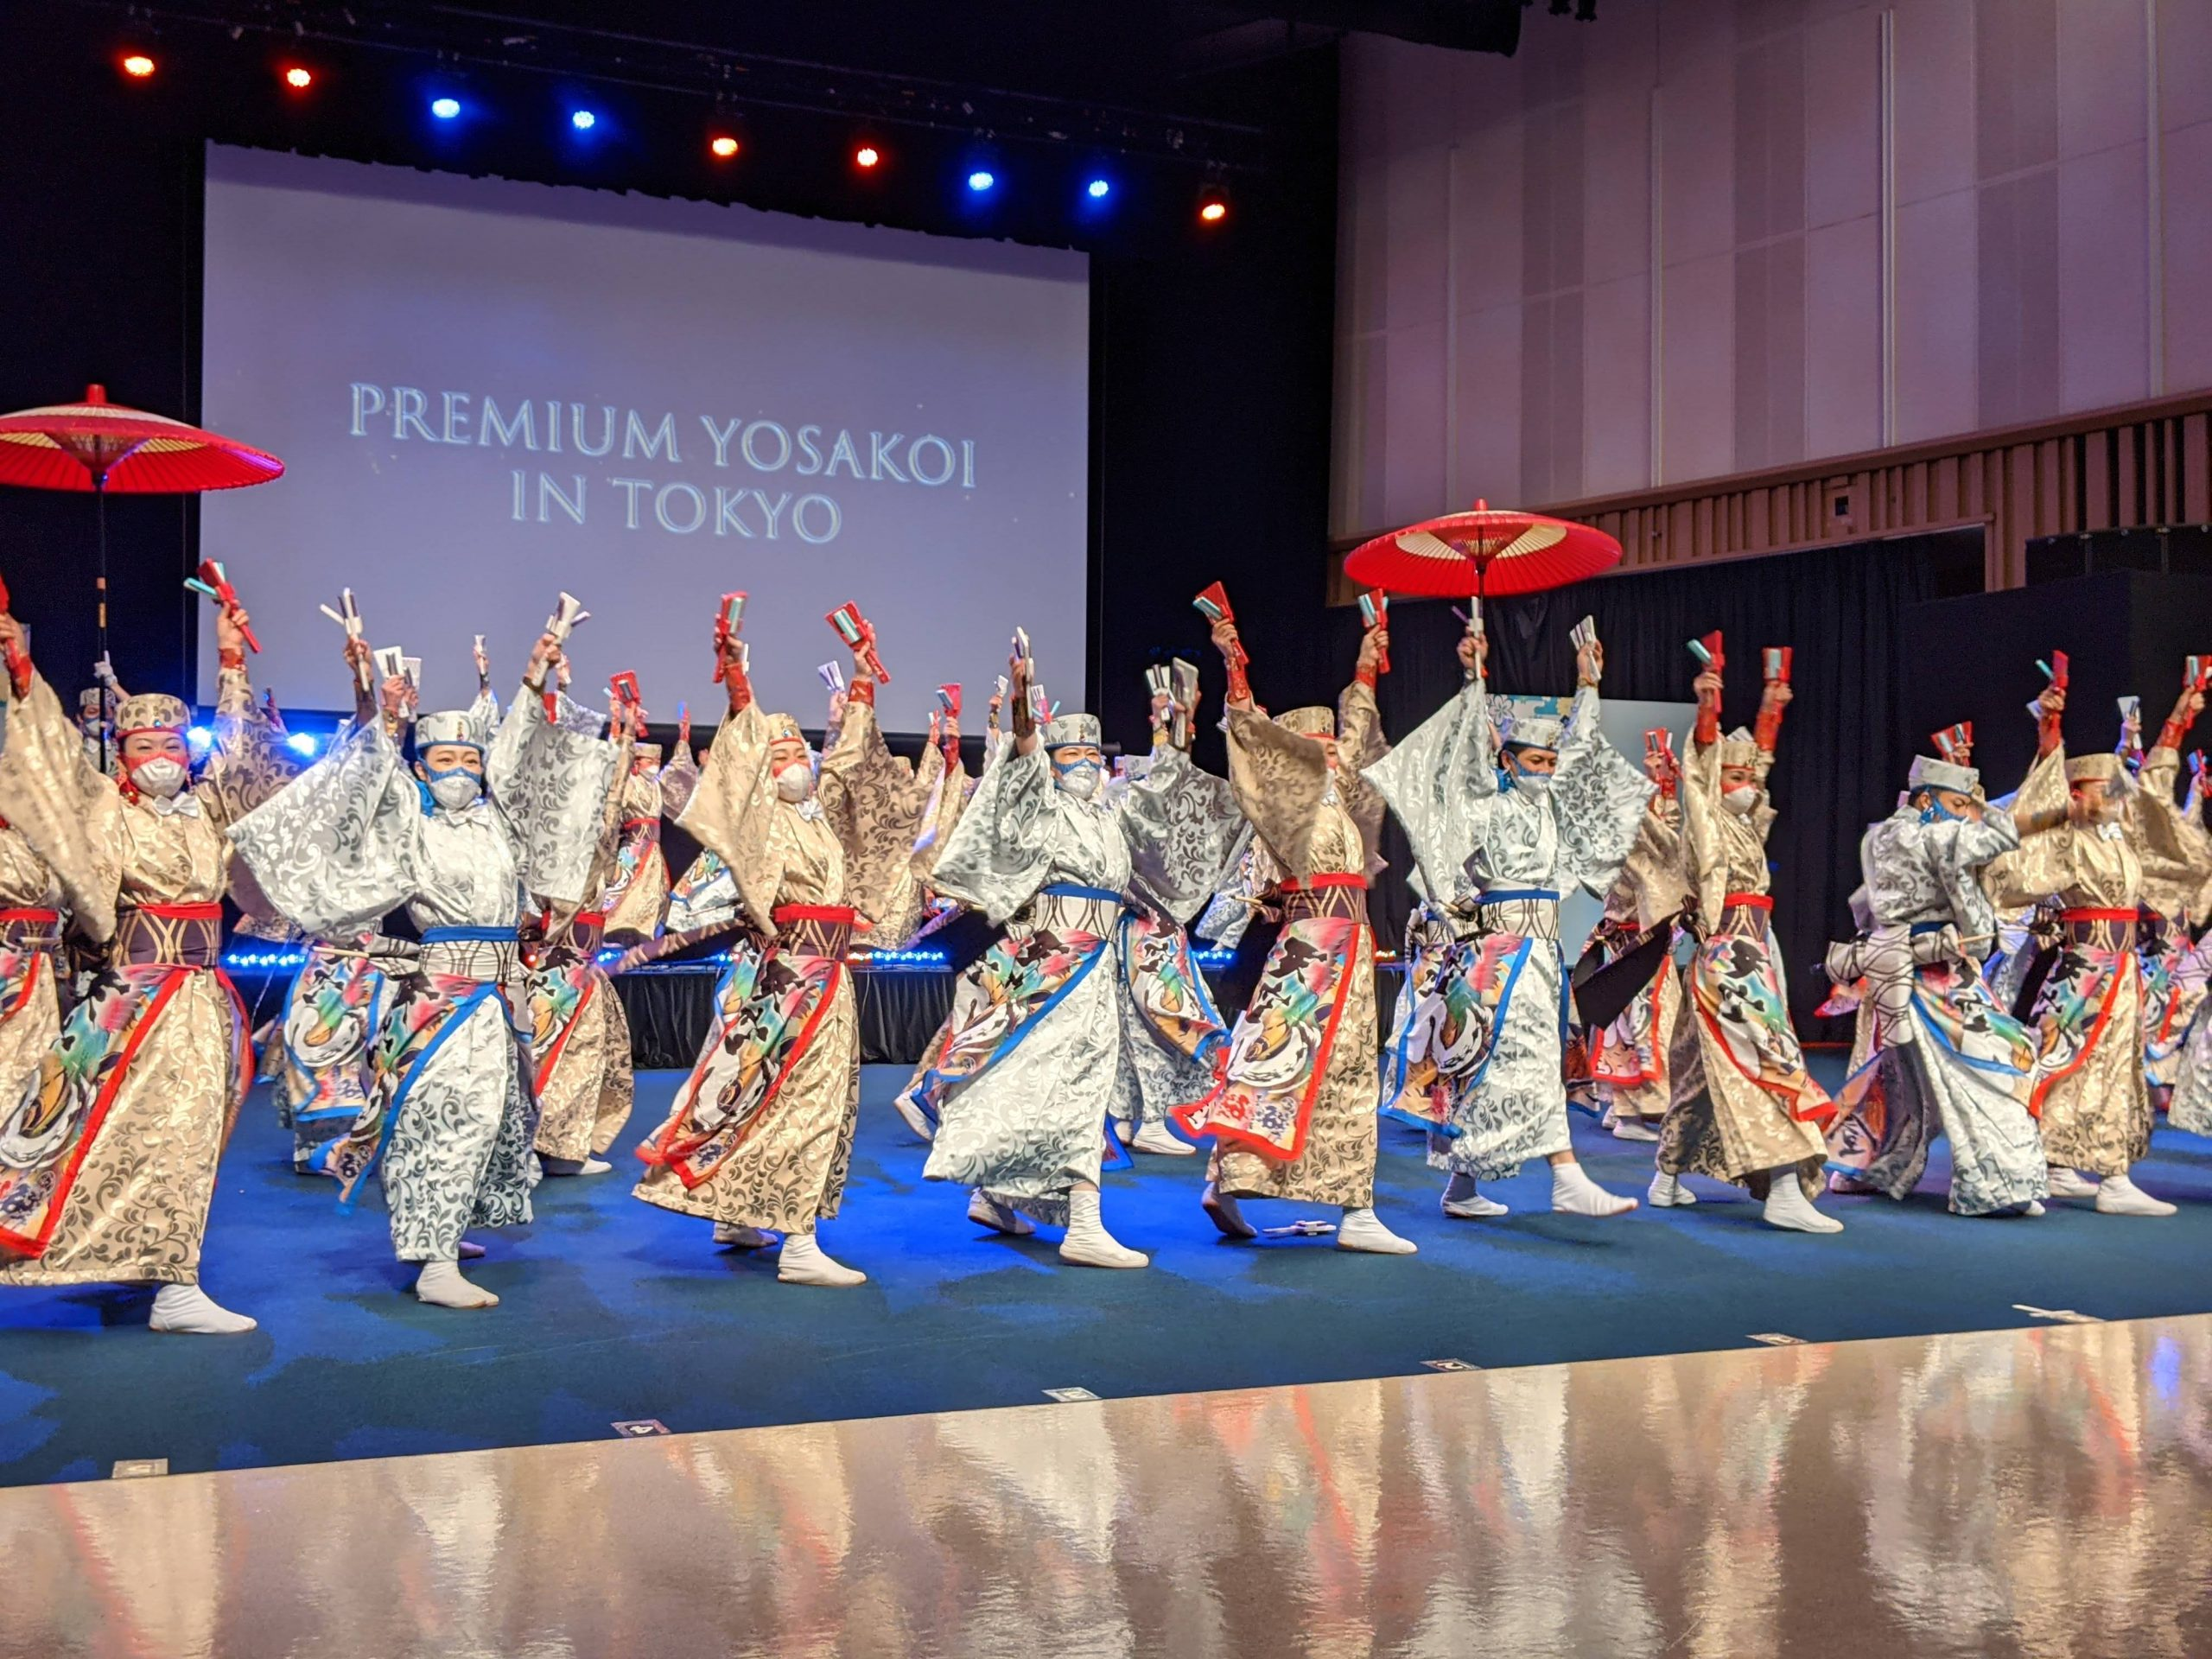 Premium YOSAKOI in Tokyo